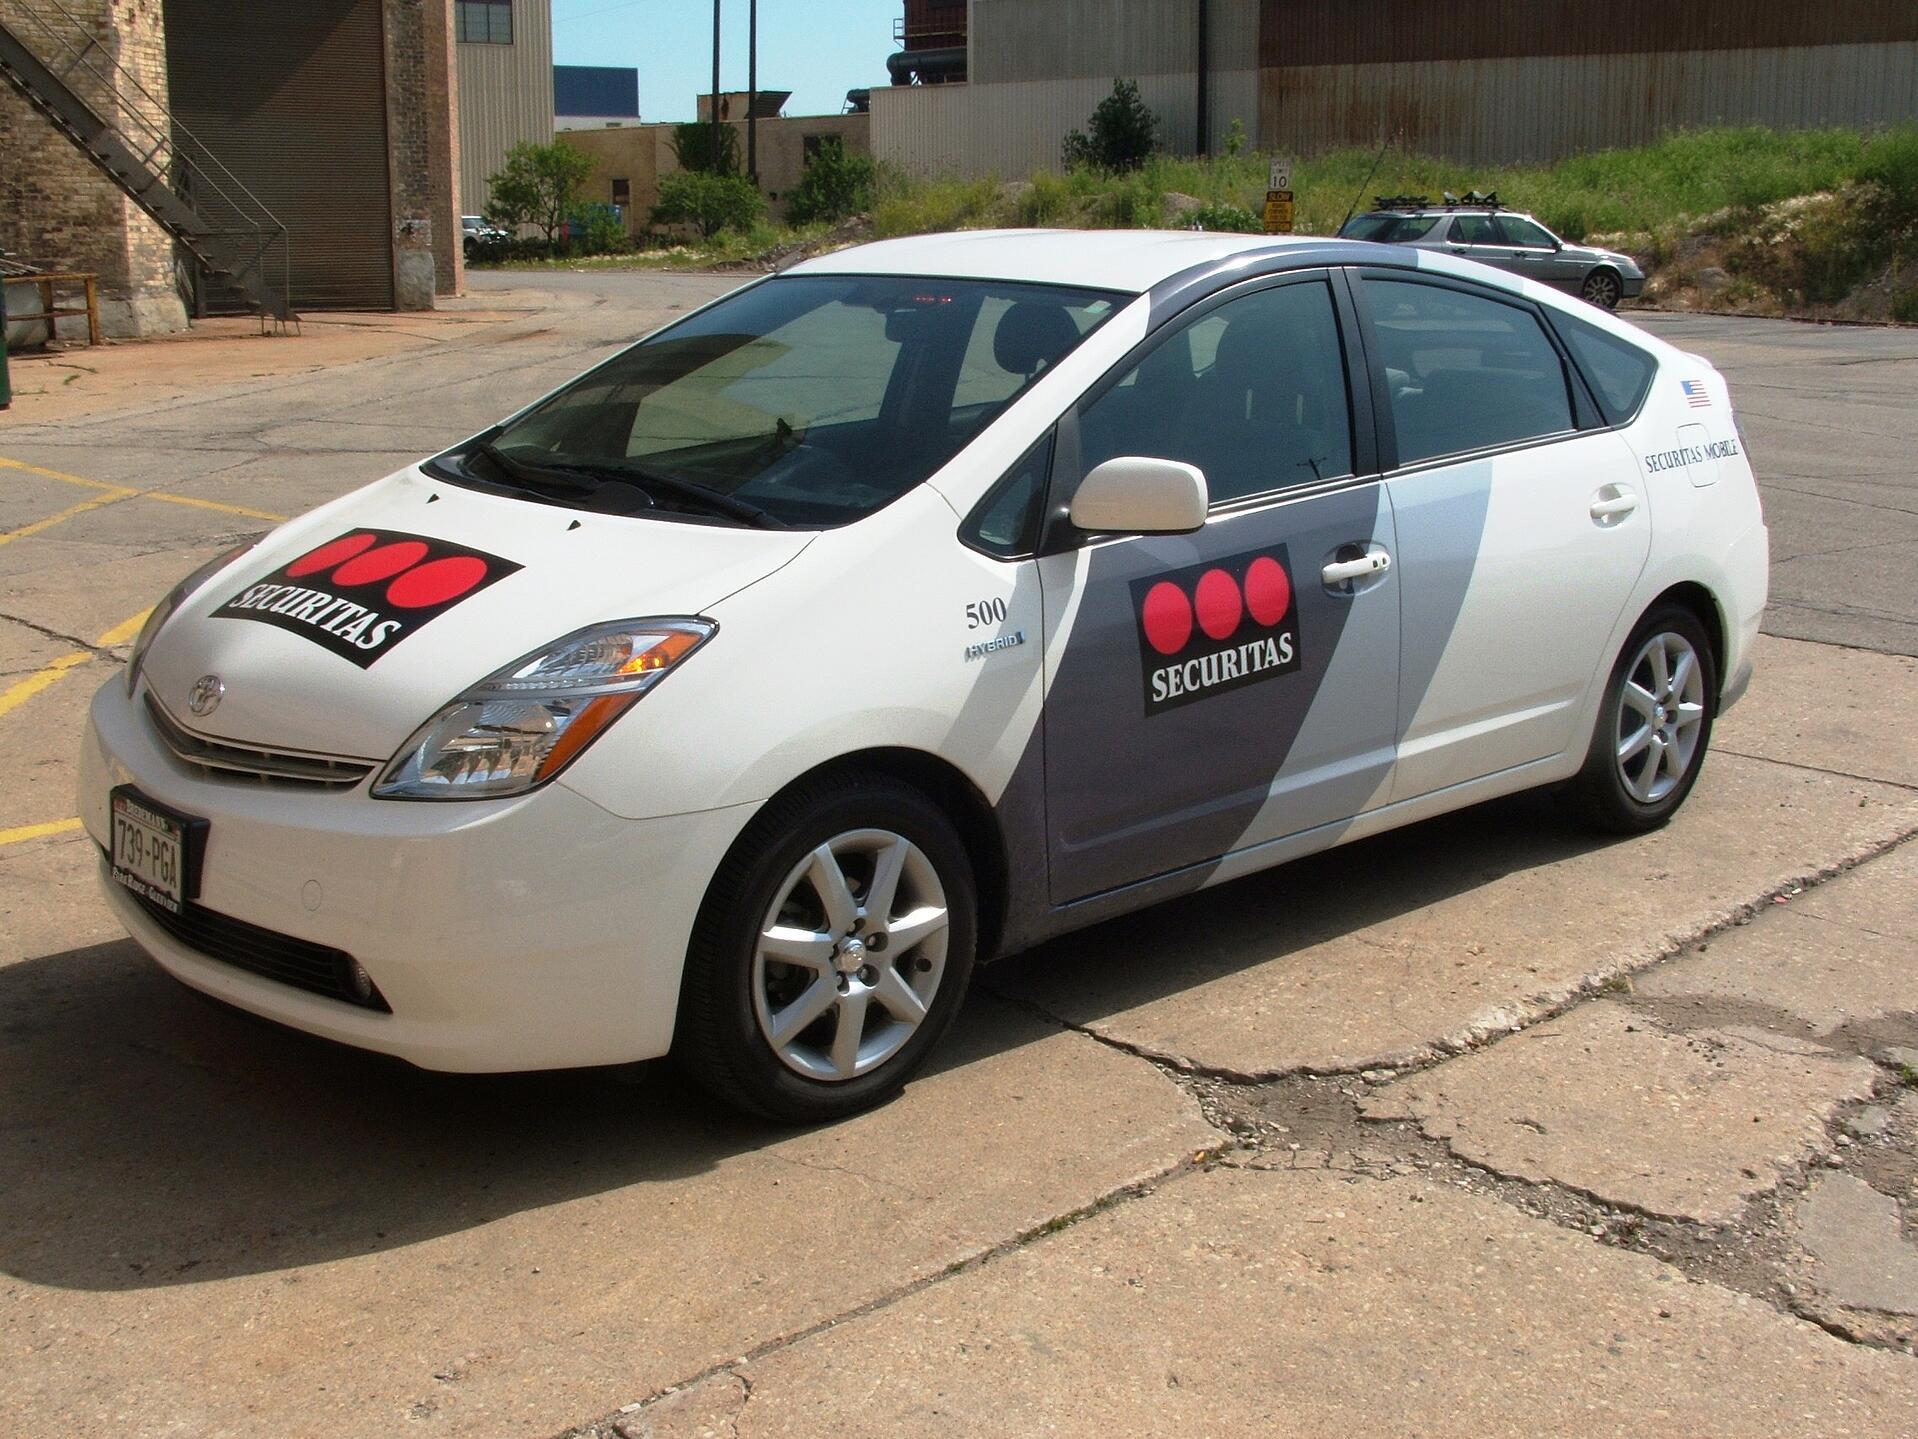 mobile patrol car